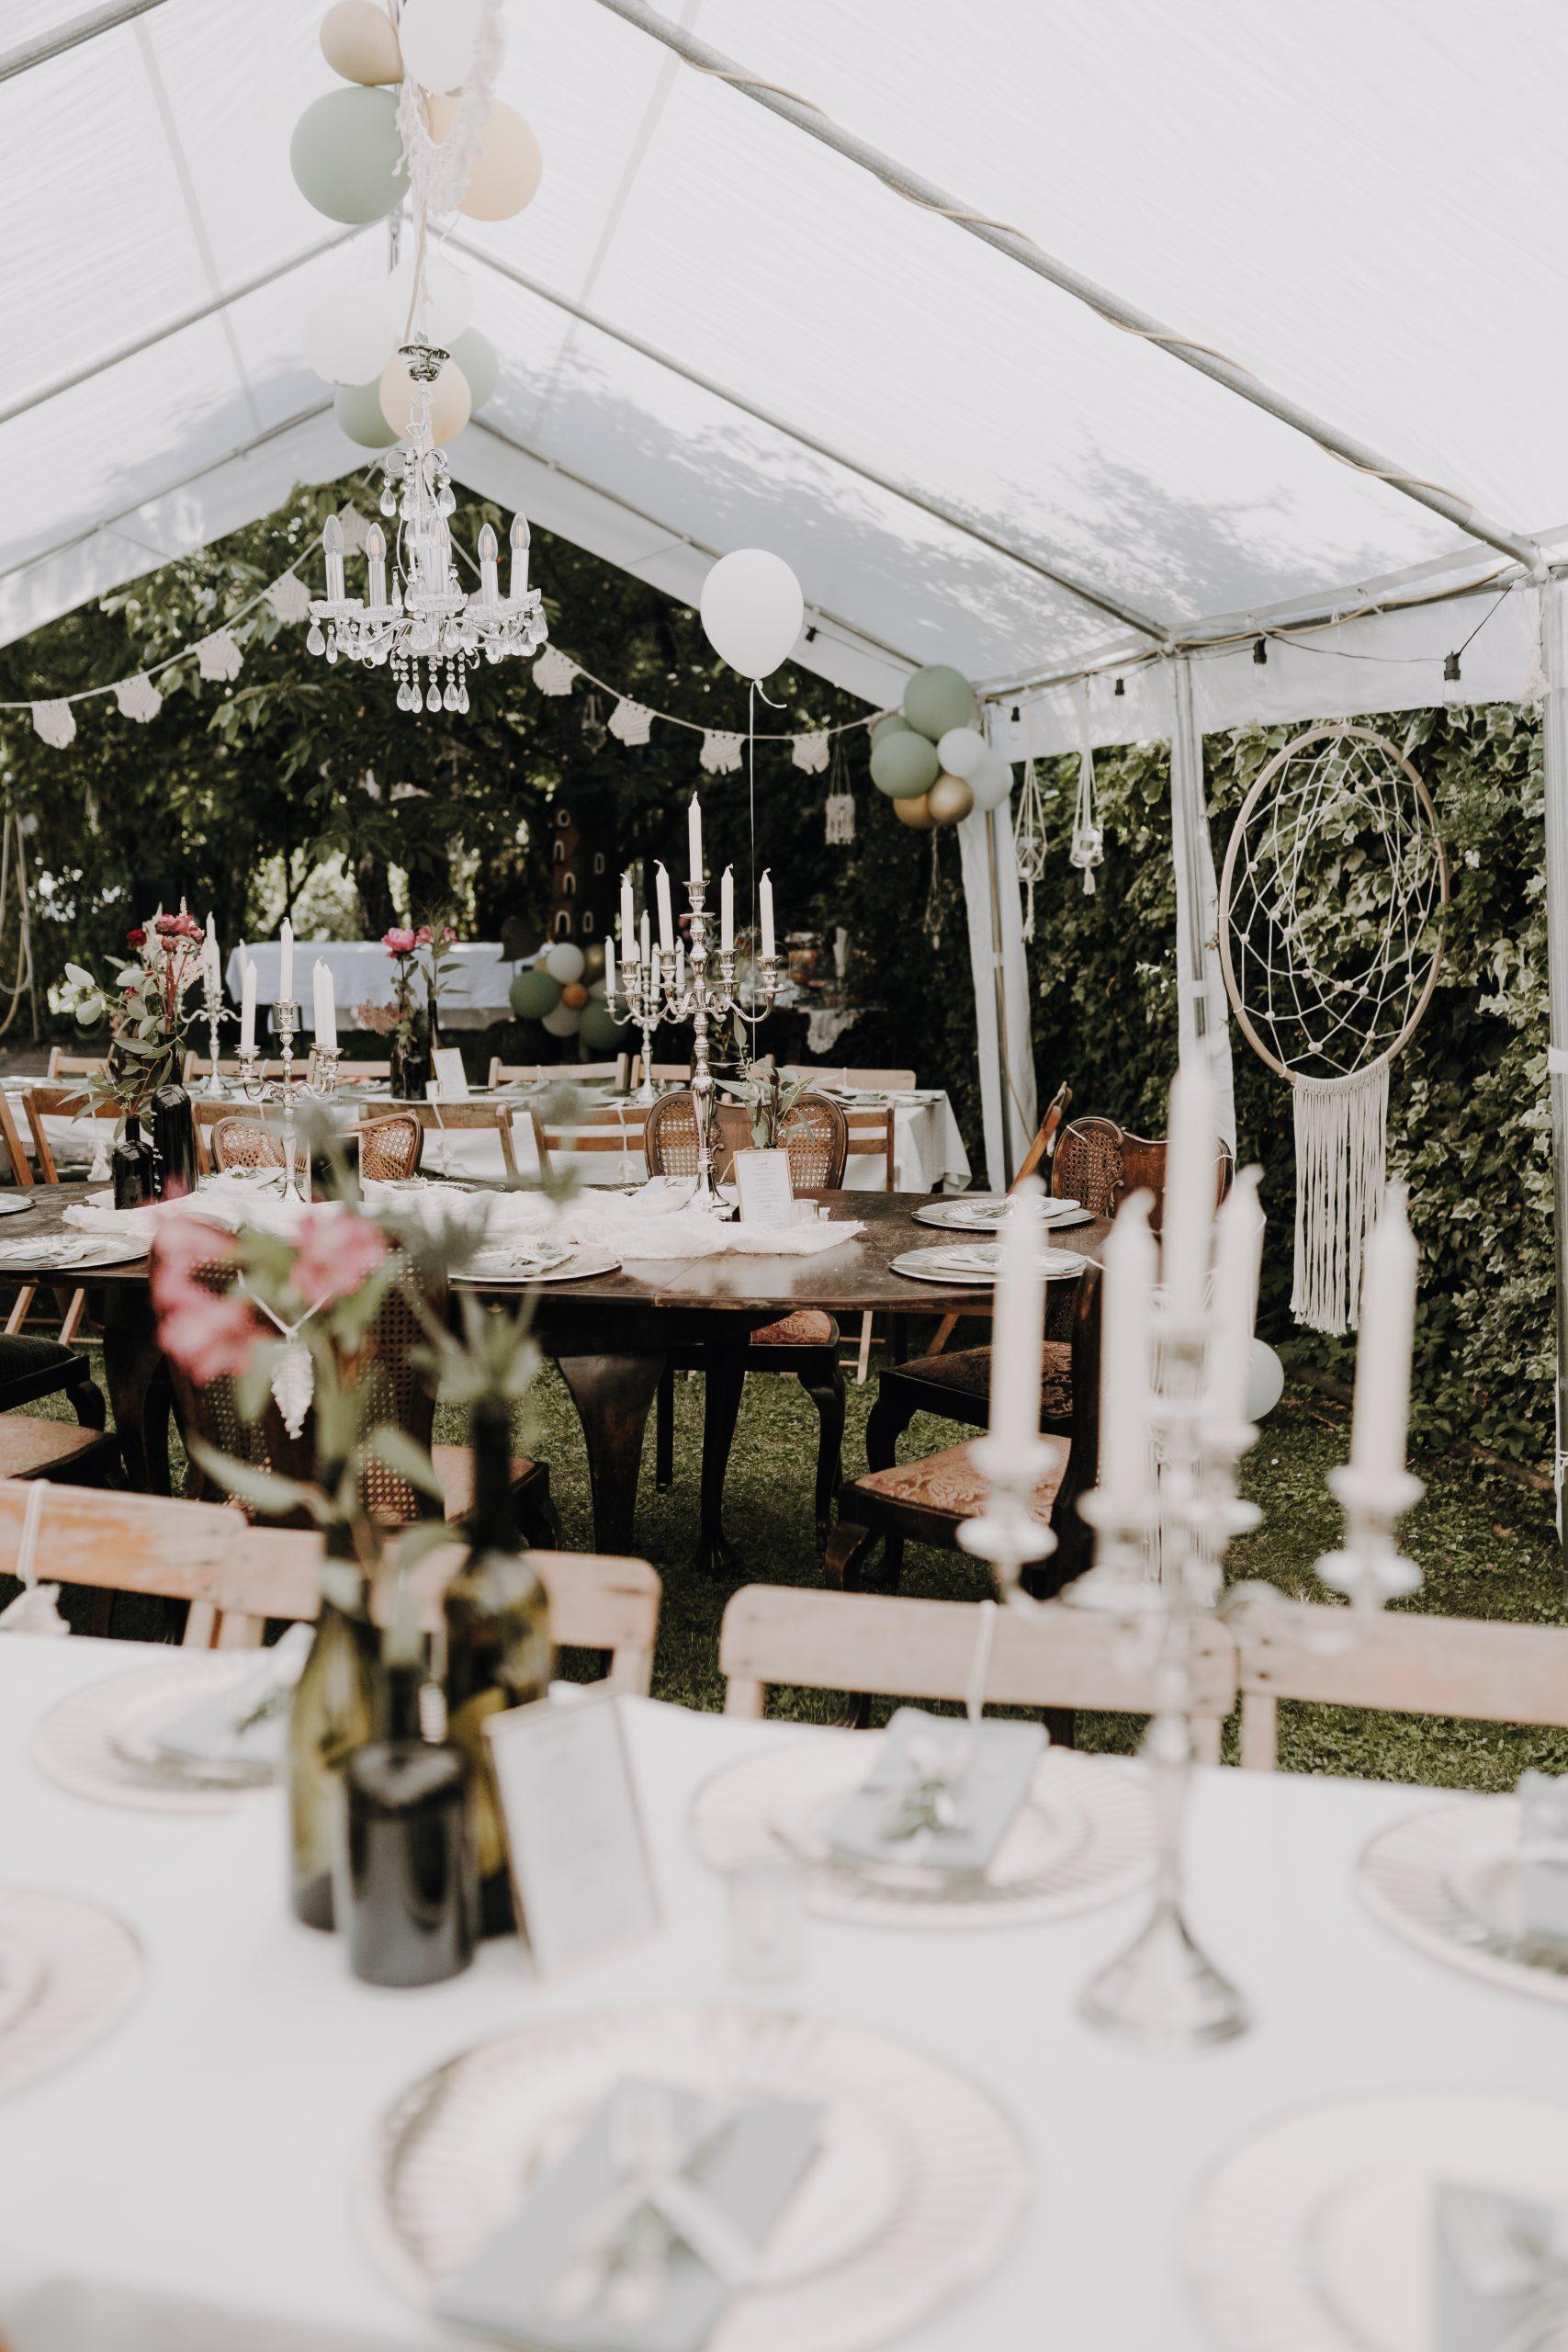 Hochzeit feiern im Zelt, Hochzeit Corona im Garten, Gartenhochzeit, Hochzeit im eigenen Garten mit Zelt